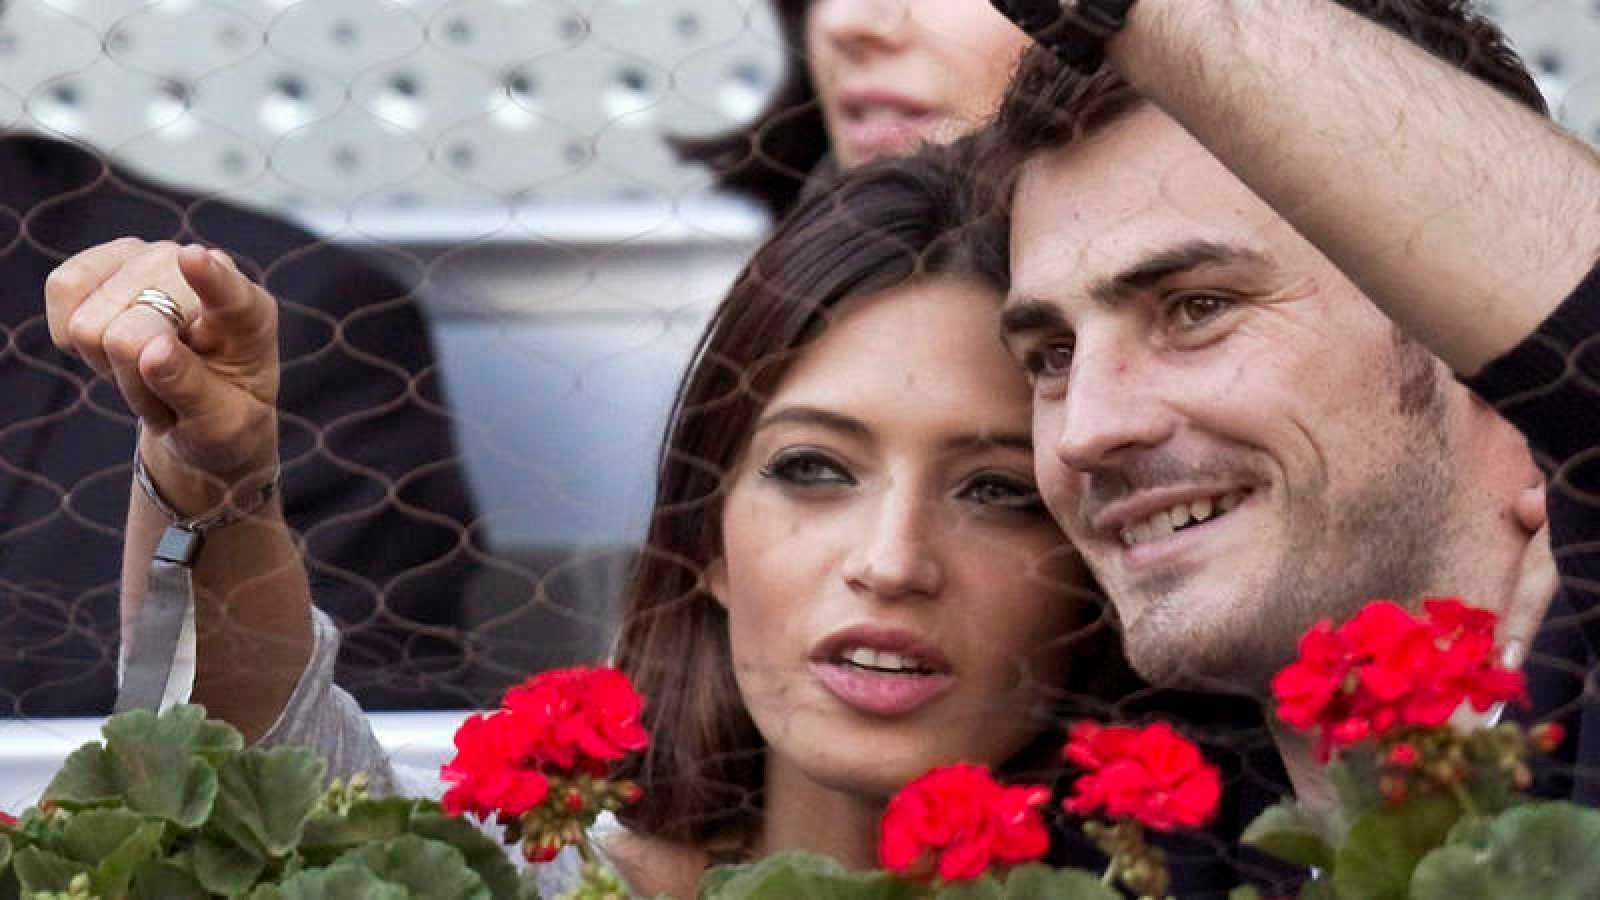 El portero del Oporto Iker Casillas podría salir el próximo lunes del hospital en el que se encuentra hospitalizado tras sufrir un infarto el pasado miércoles. Su entrenador y sus compañeros no han dejado de apoyar al portero.